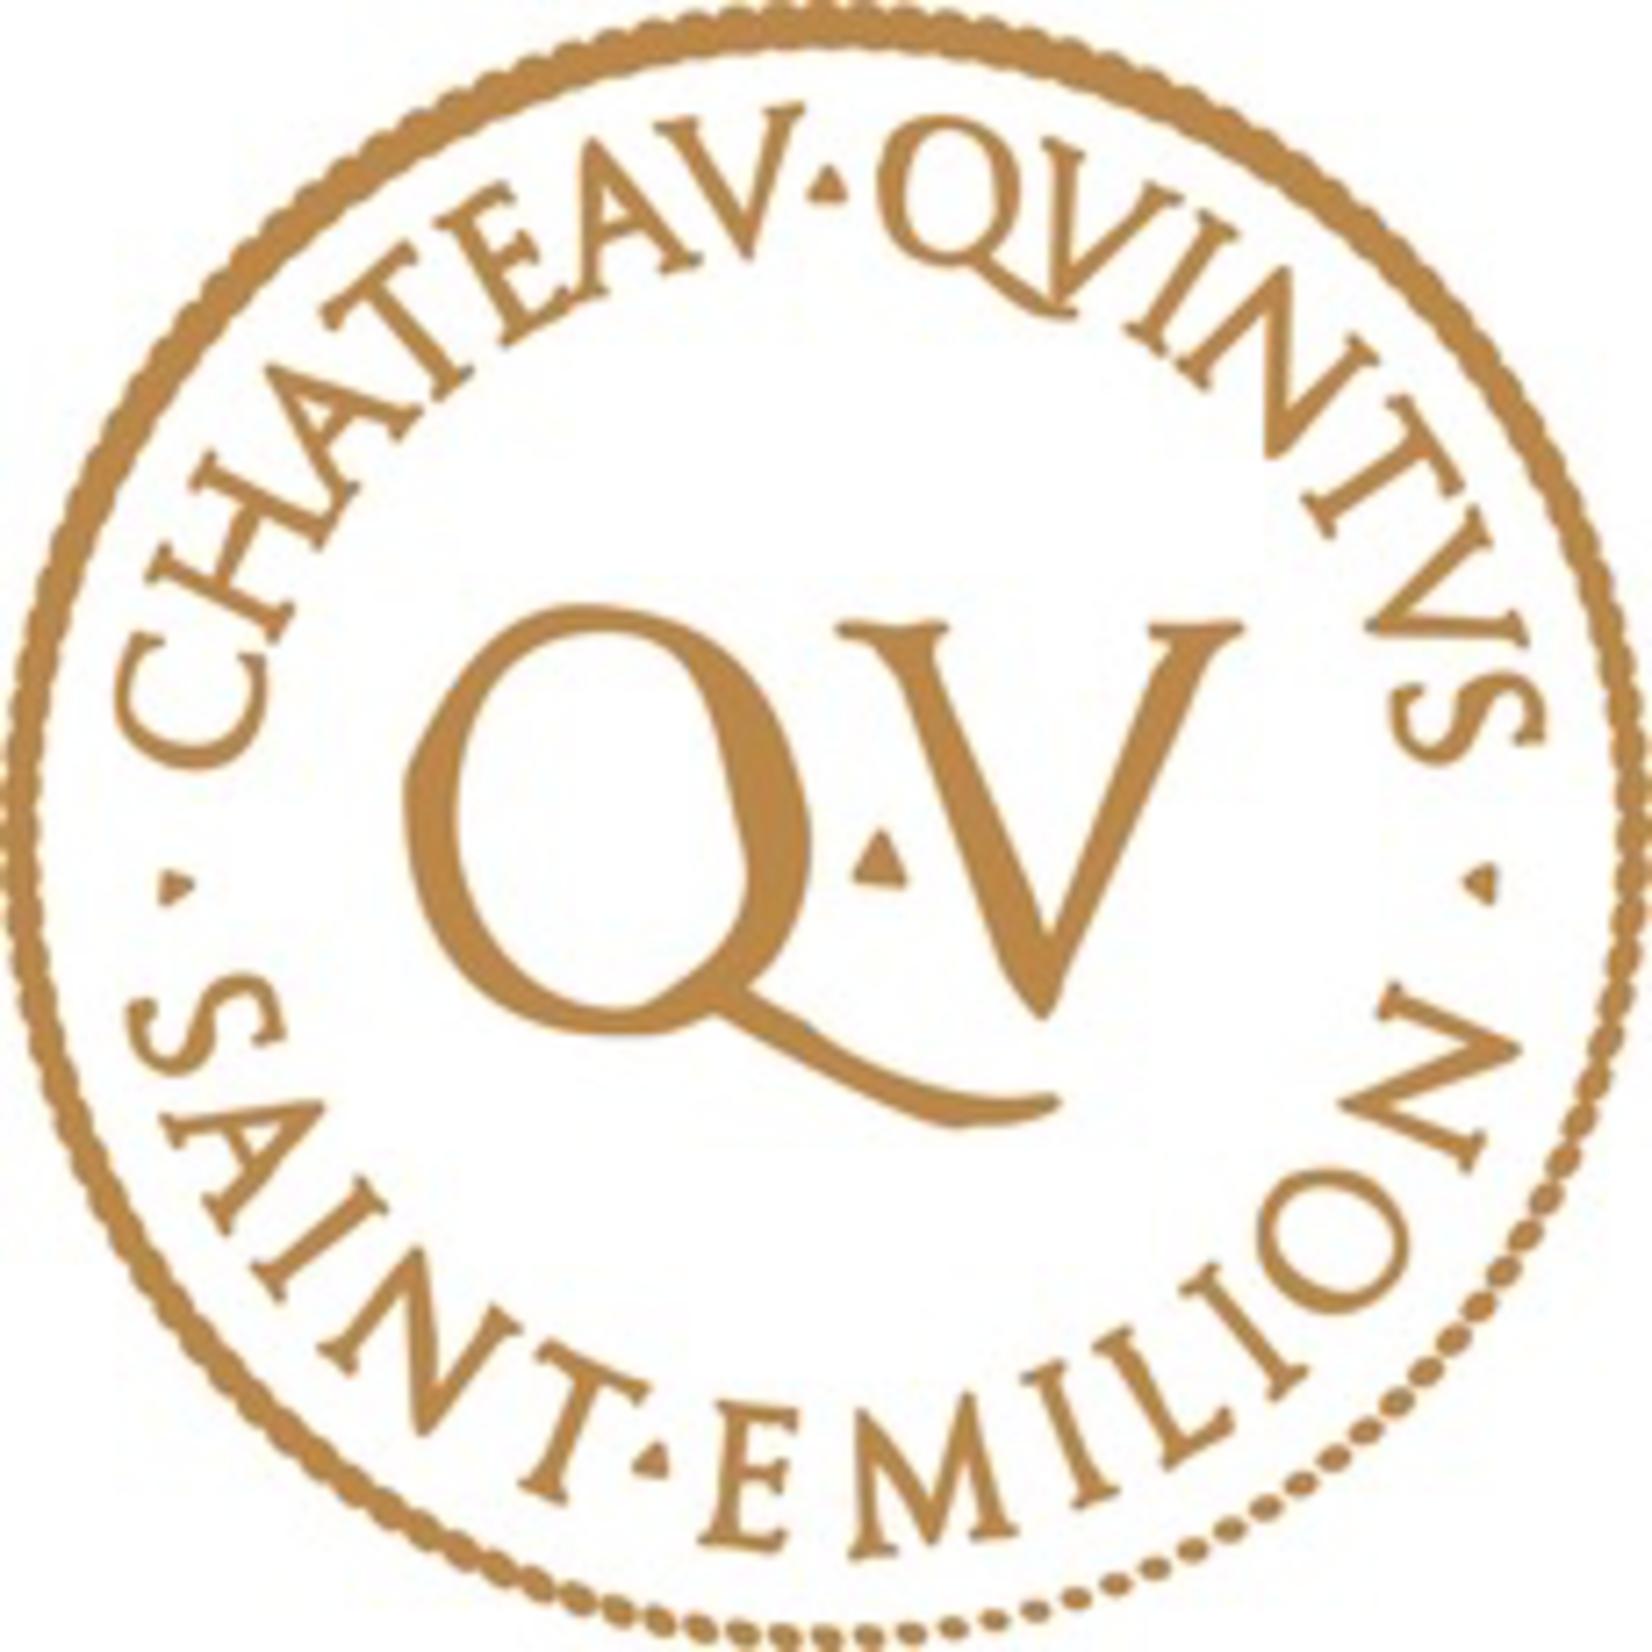 Wine Chateau Quintus, Saint-Emilion 2012